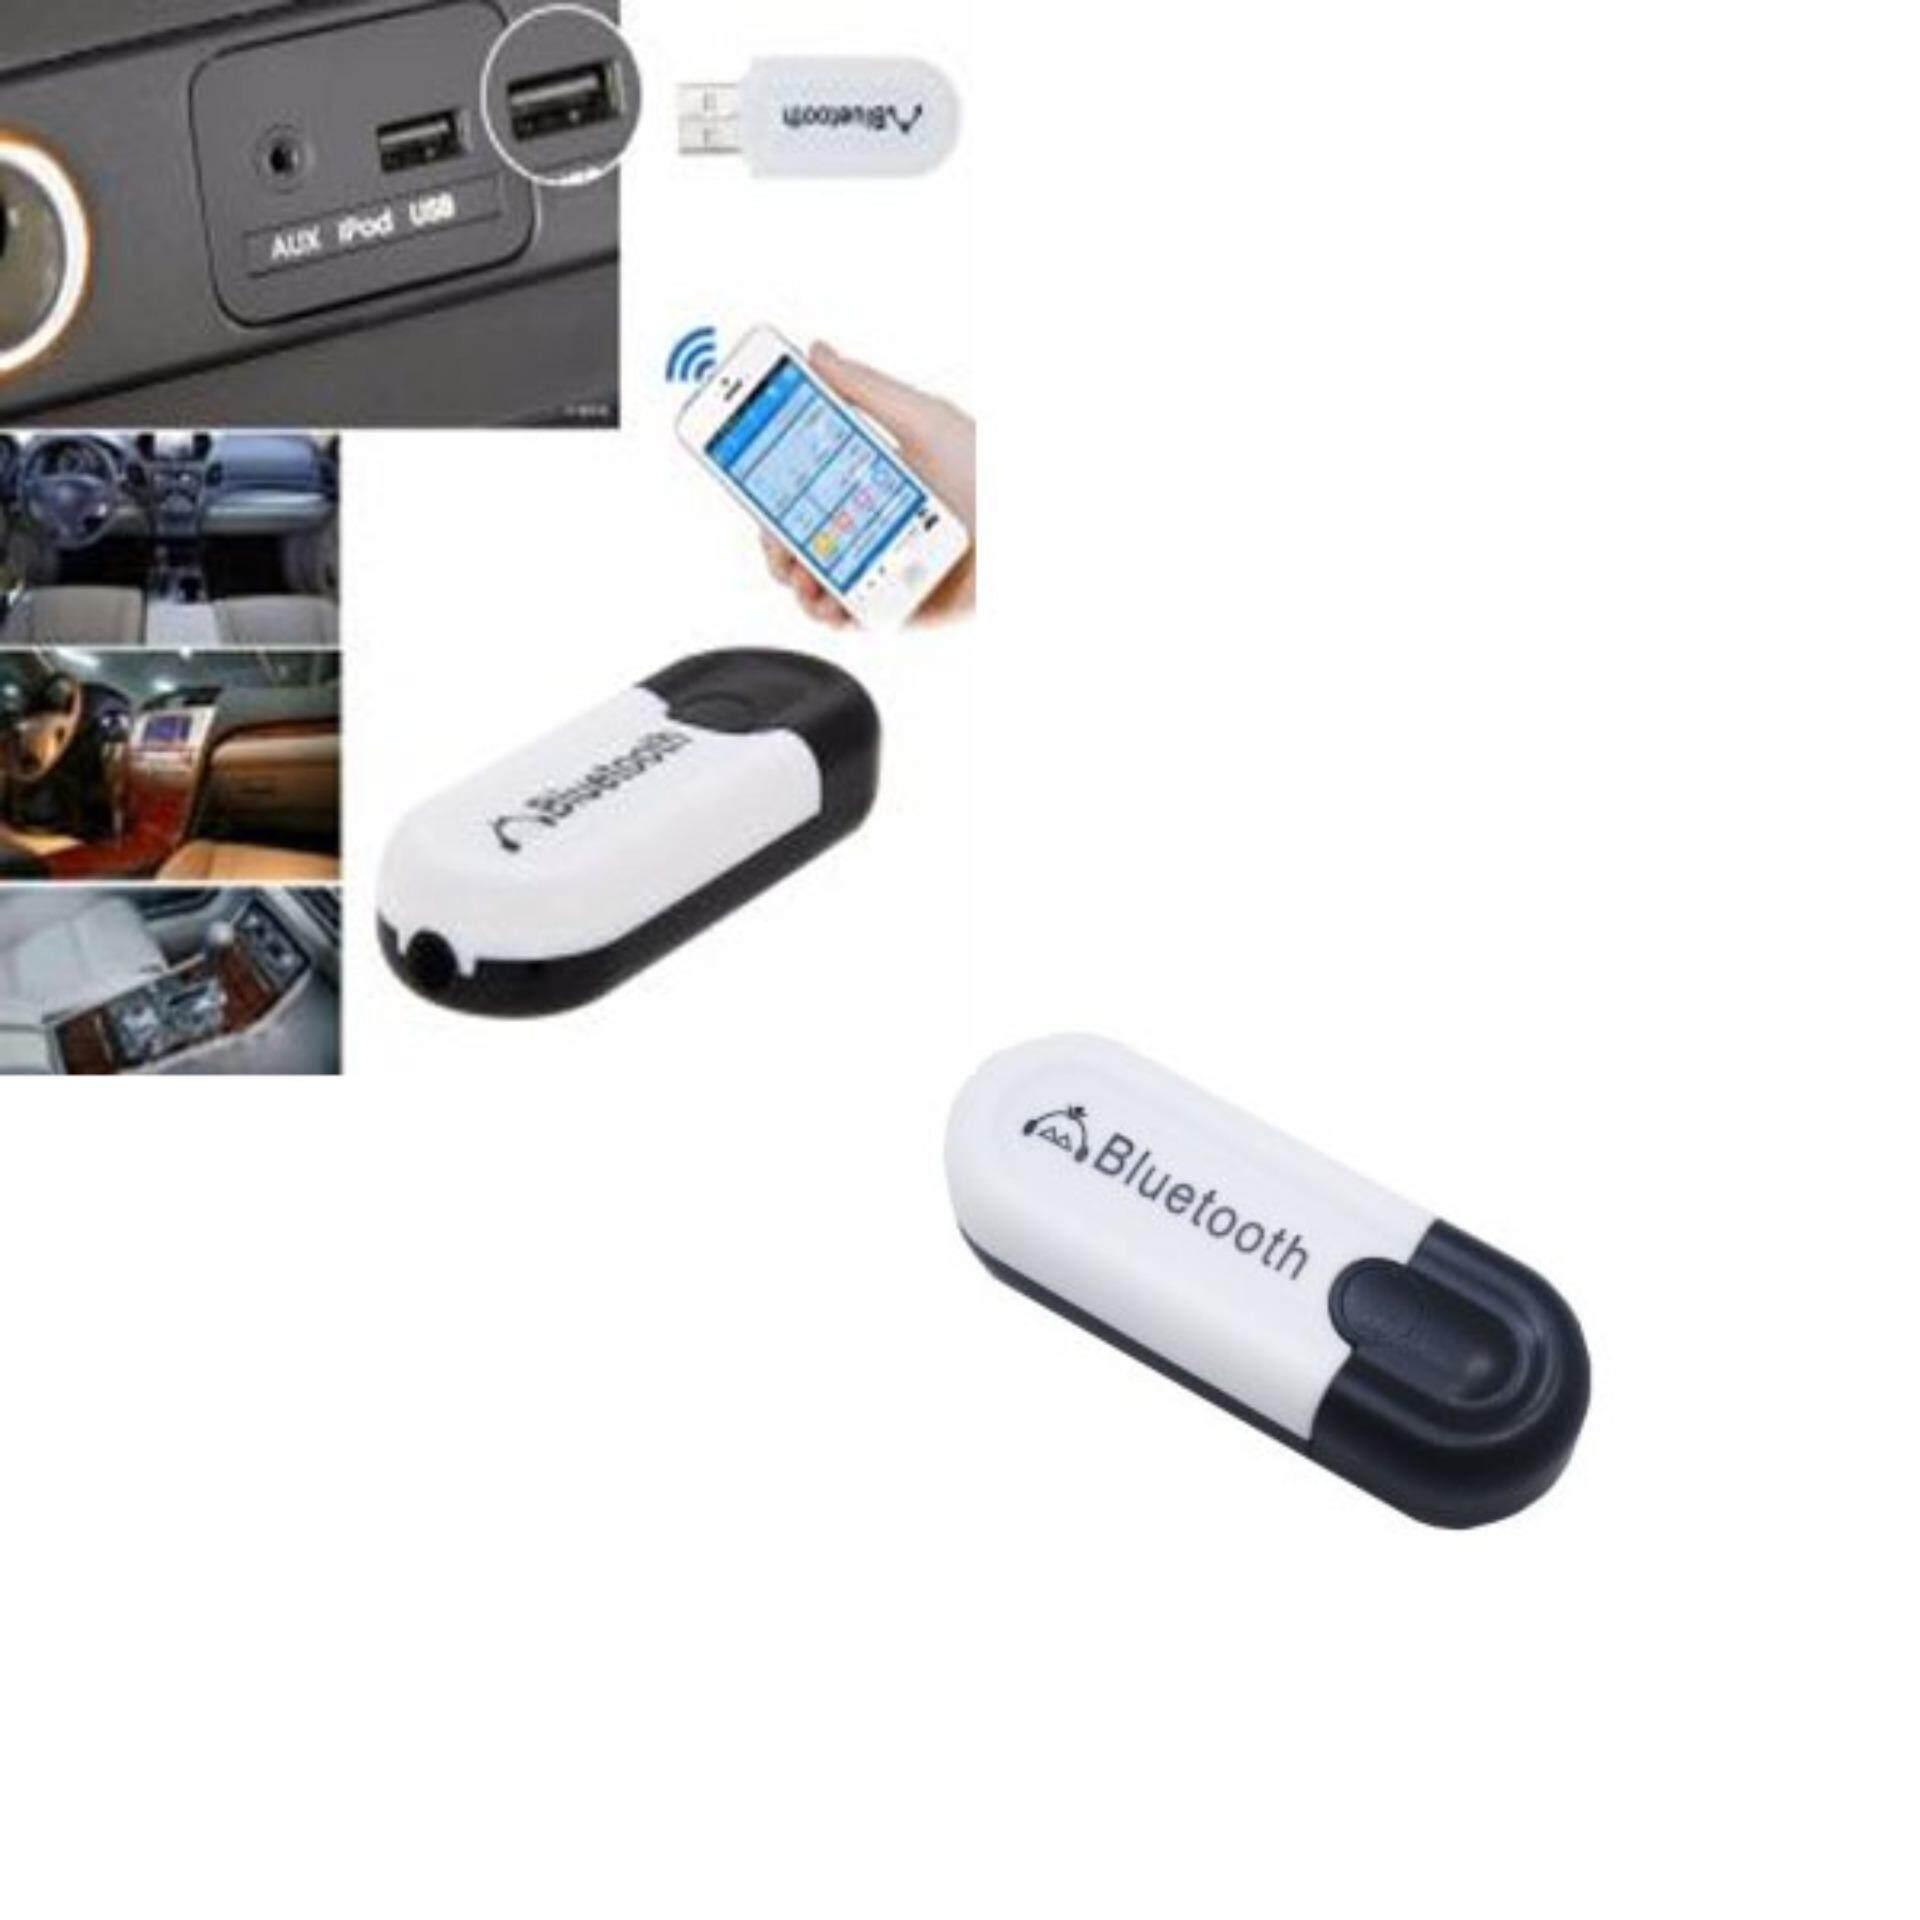 i-Unique USB Bluetooth Dongle instruction Model : HJX-001 White/Black